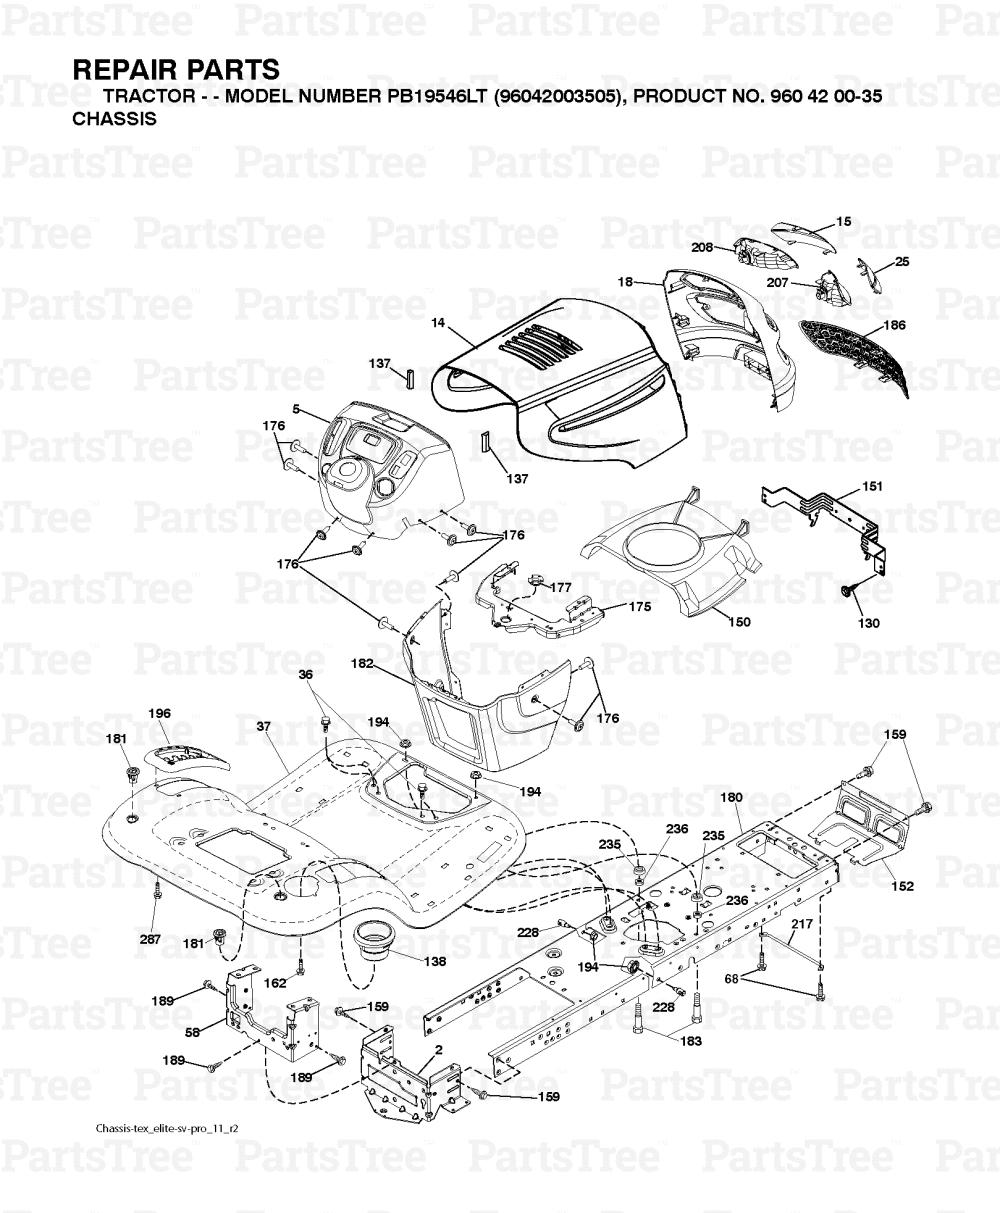 Poulan PB19546LT (96048001700) - Poulan Pro Lawn Tractor (2010-12 ...